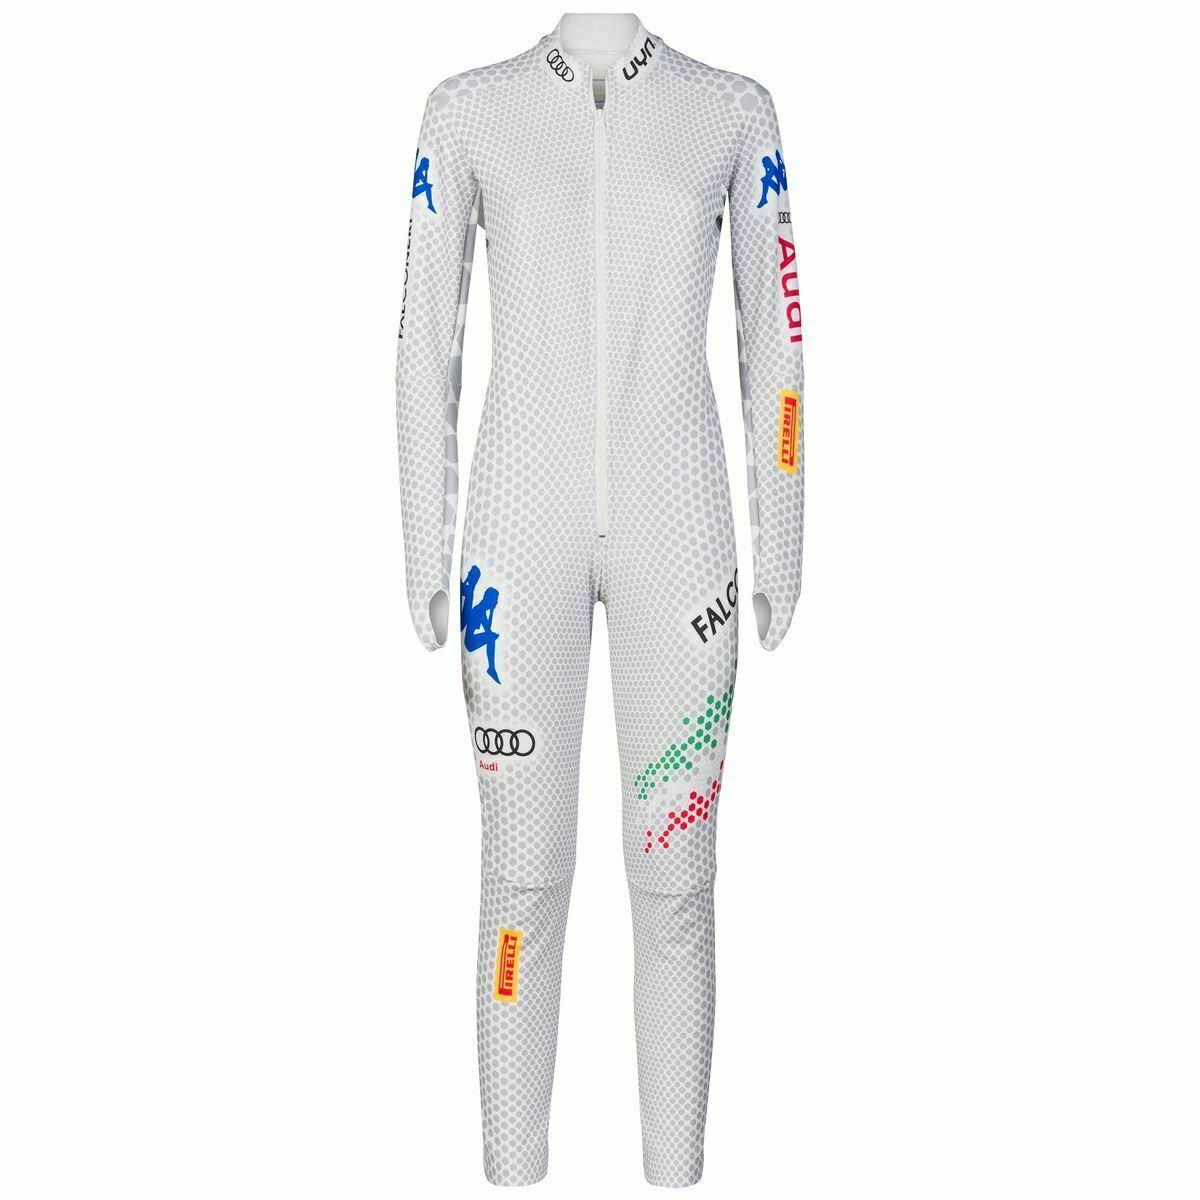 Kappa Ski Rennanzug Race Racing Speed Suit L Weiß Neu Italia National Team SG DH